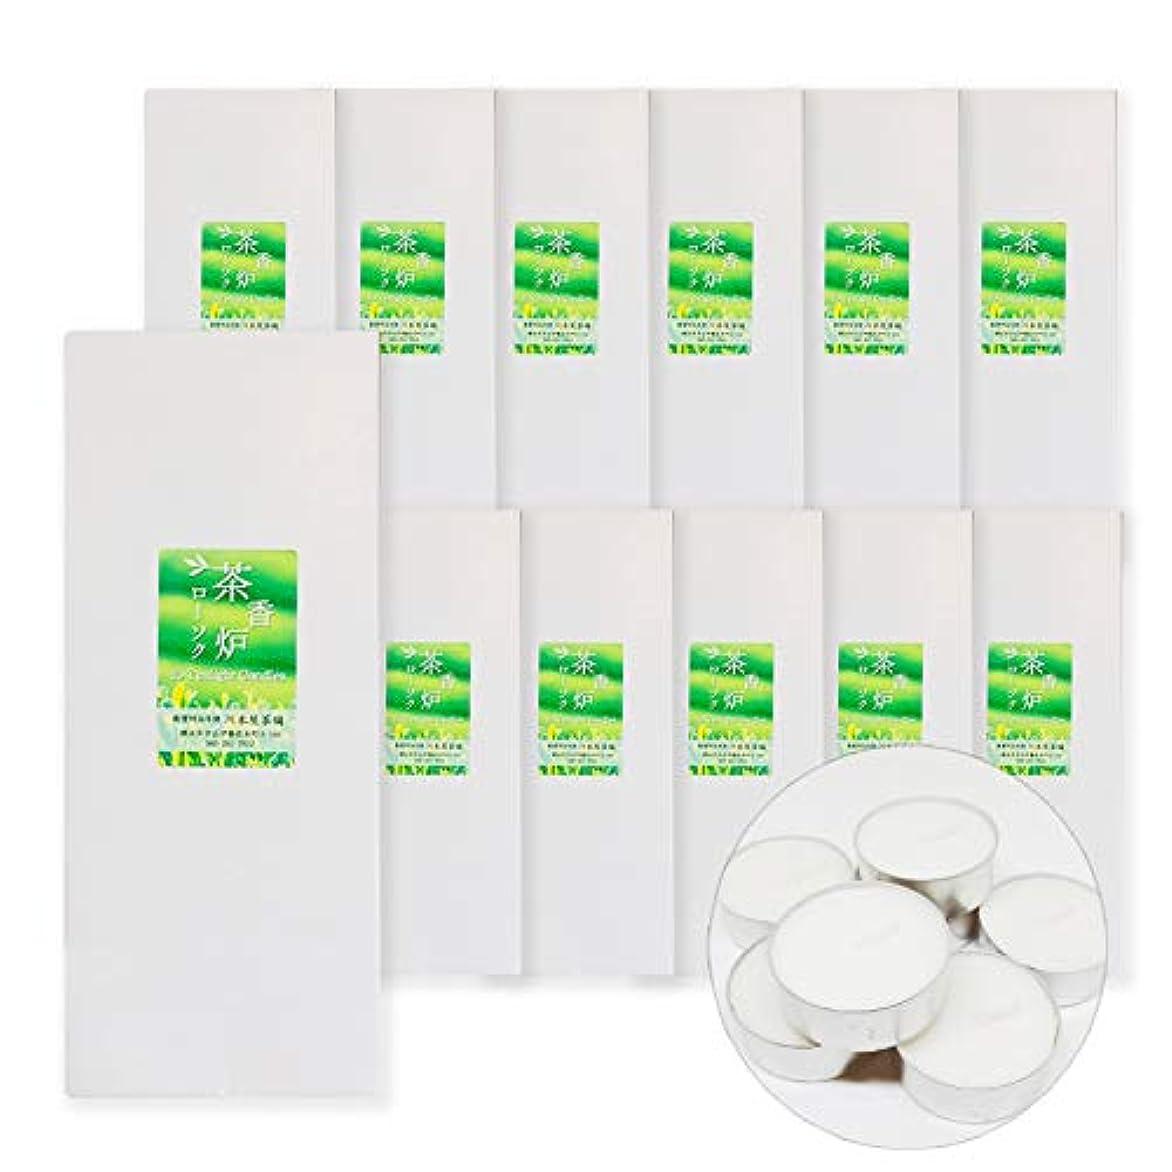 直面するコンセンサス私の茶香炉専用 ろうそく キャンドル 10個入り 川本屋茶舗 (12箱)